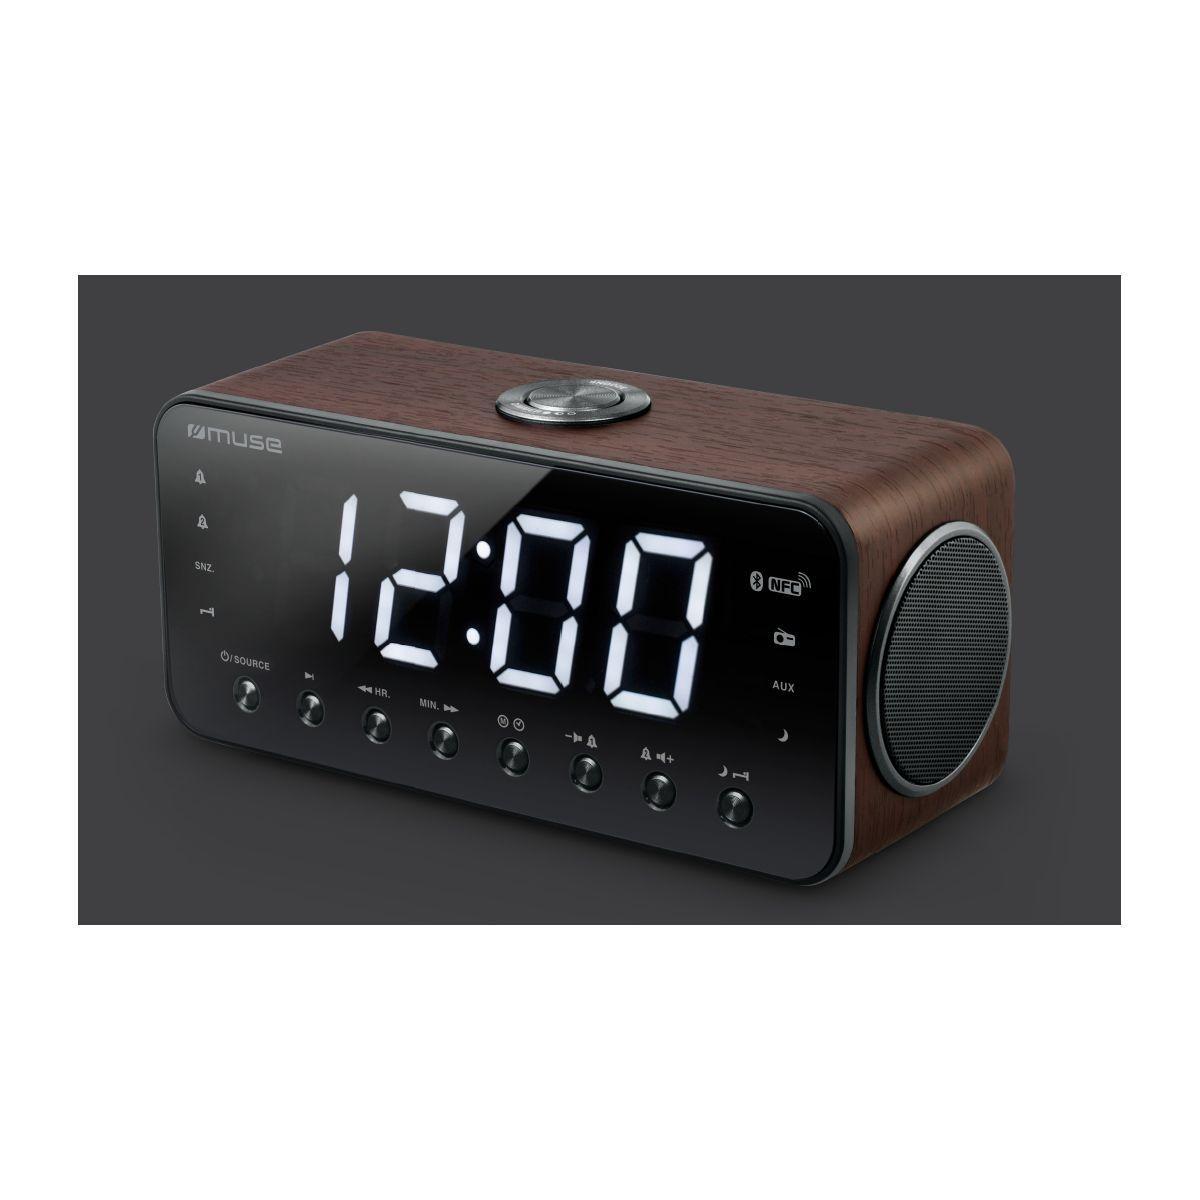 Radio-réveil muse m-196 dwt - 15% de remise immédiate avec le code : multi15 (photo)